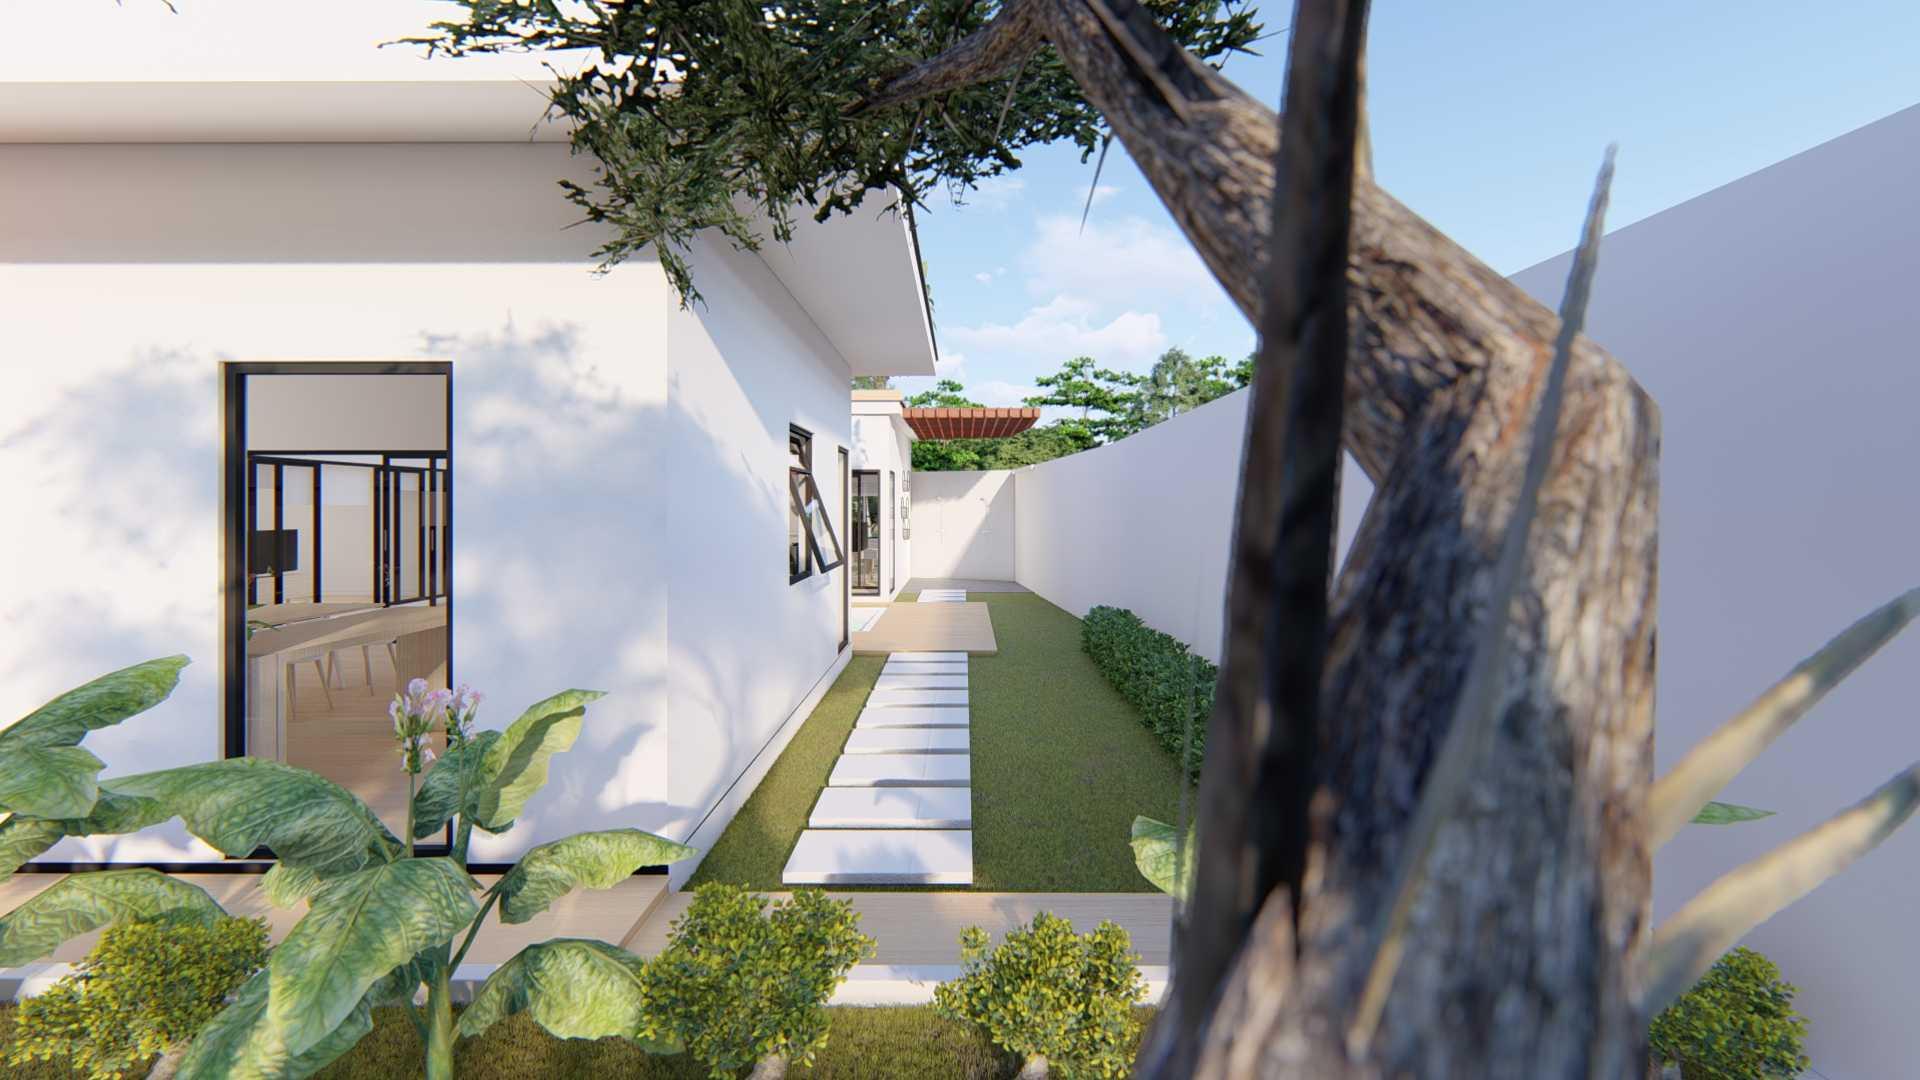 Habib Musa Architect And Associates Epd Lux Scandian Tabanan, Kec. Tabanan, Kabupaten Tabanan, Bali, Indonesia Tabanan, Kec. Tabanan, Kabupaten Tabanan, Bali, Indonesia Habib-Musa-Architect-And-Associates-Epd-Lux-Scandian   103201